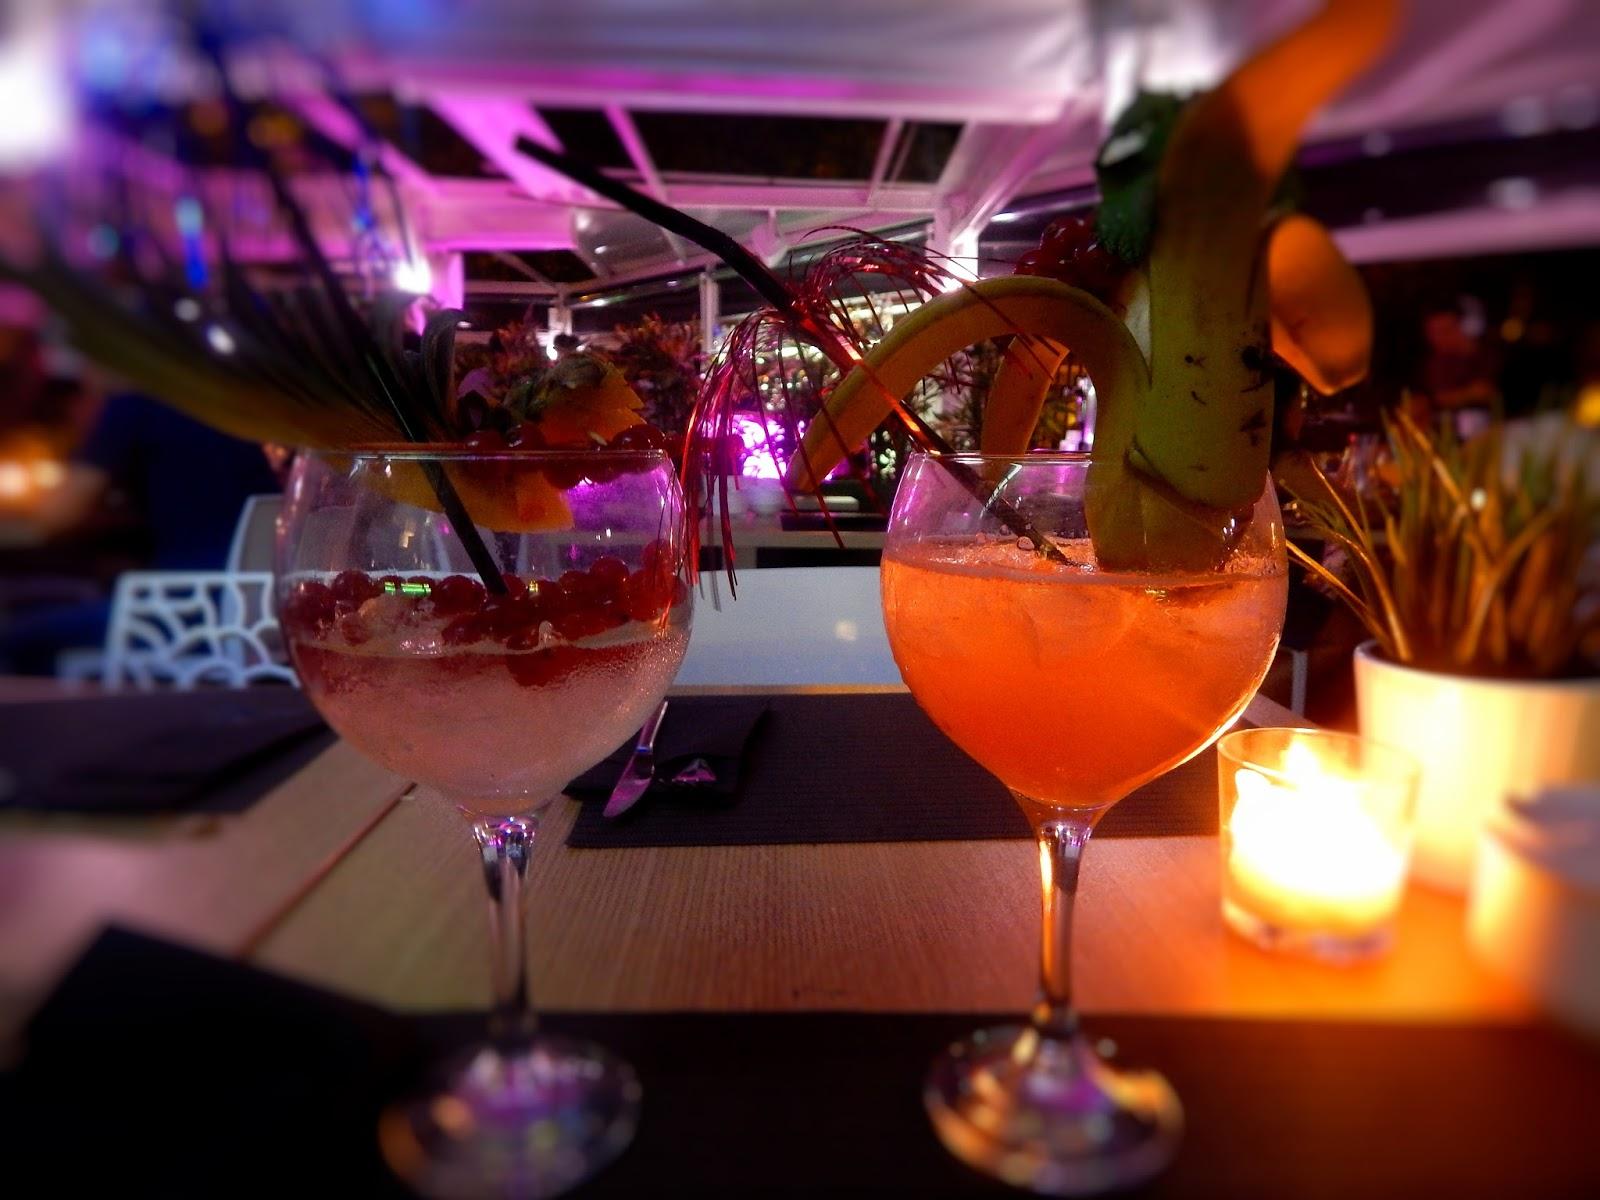 mejores-coctelerias-madrid-terrazas